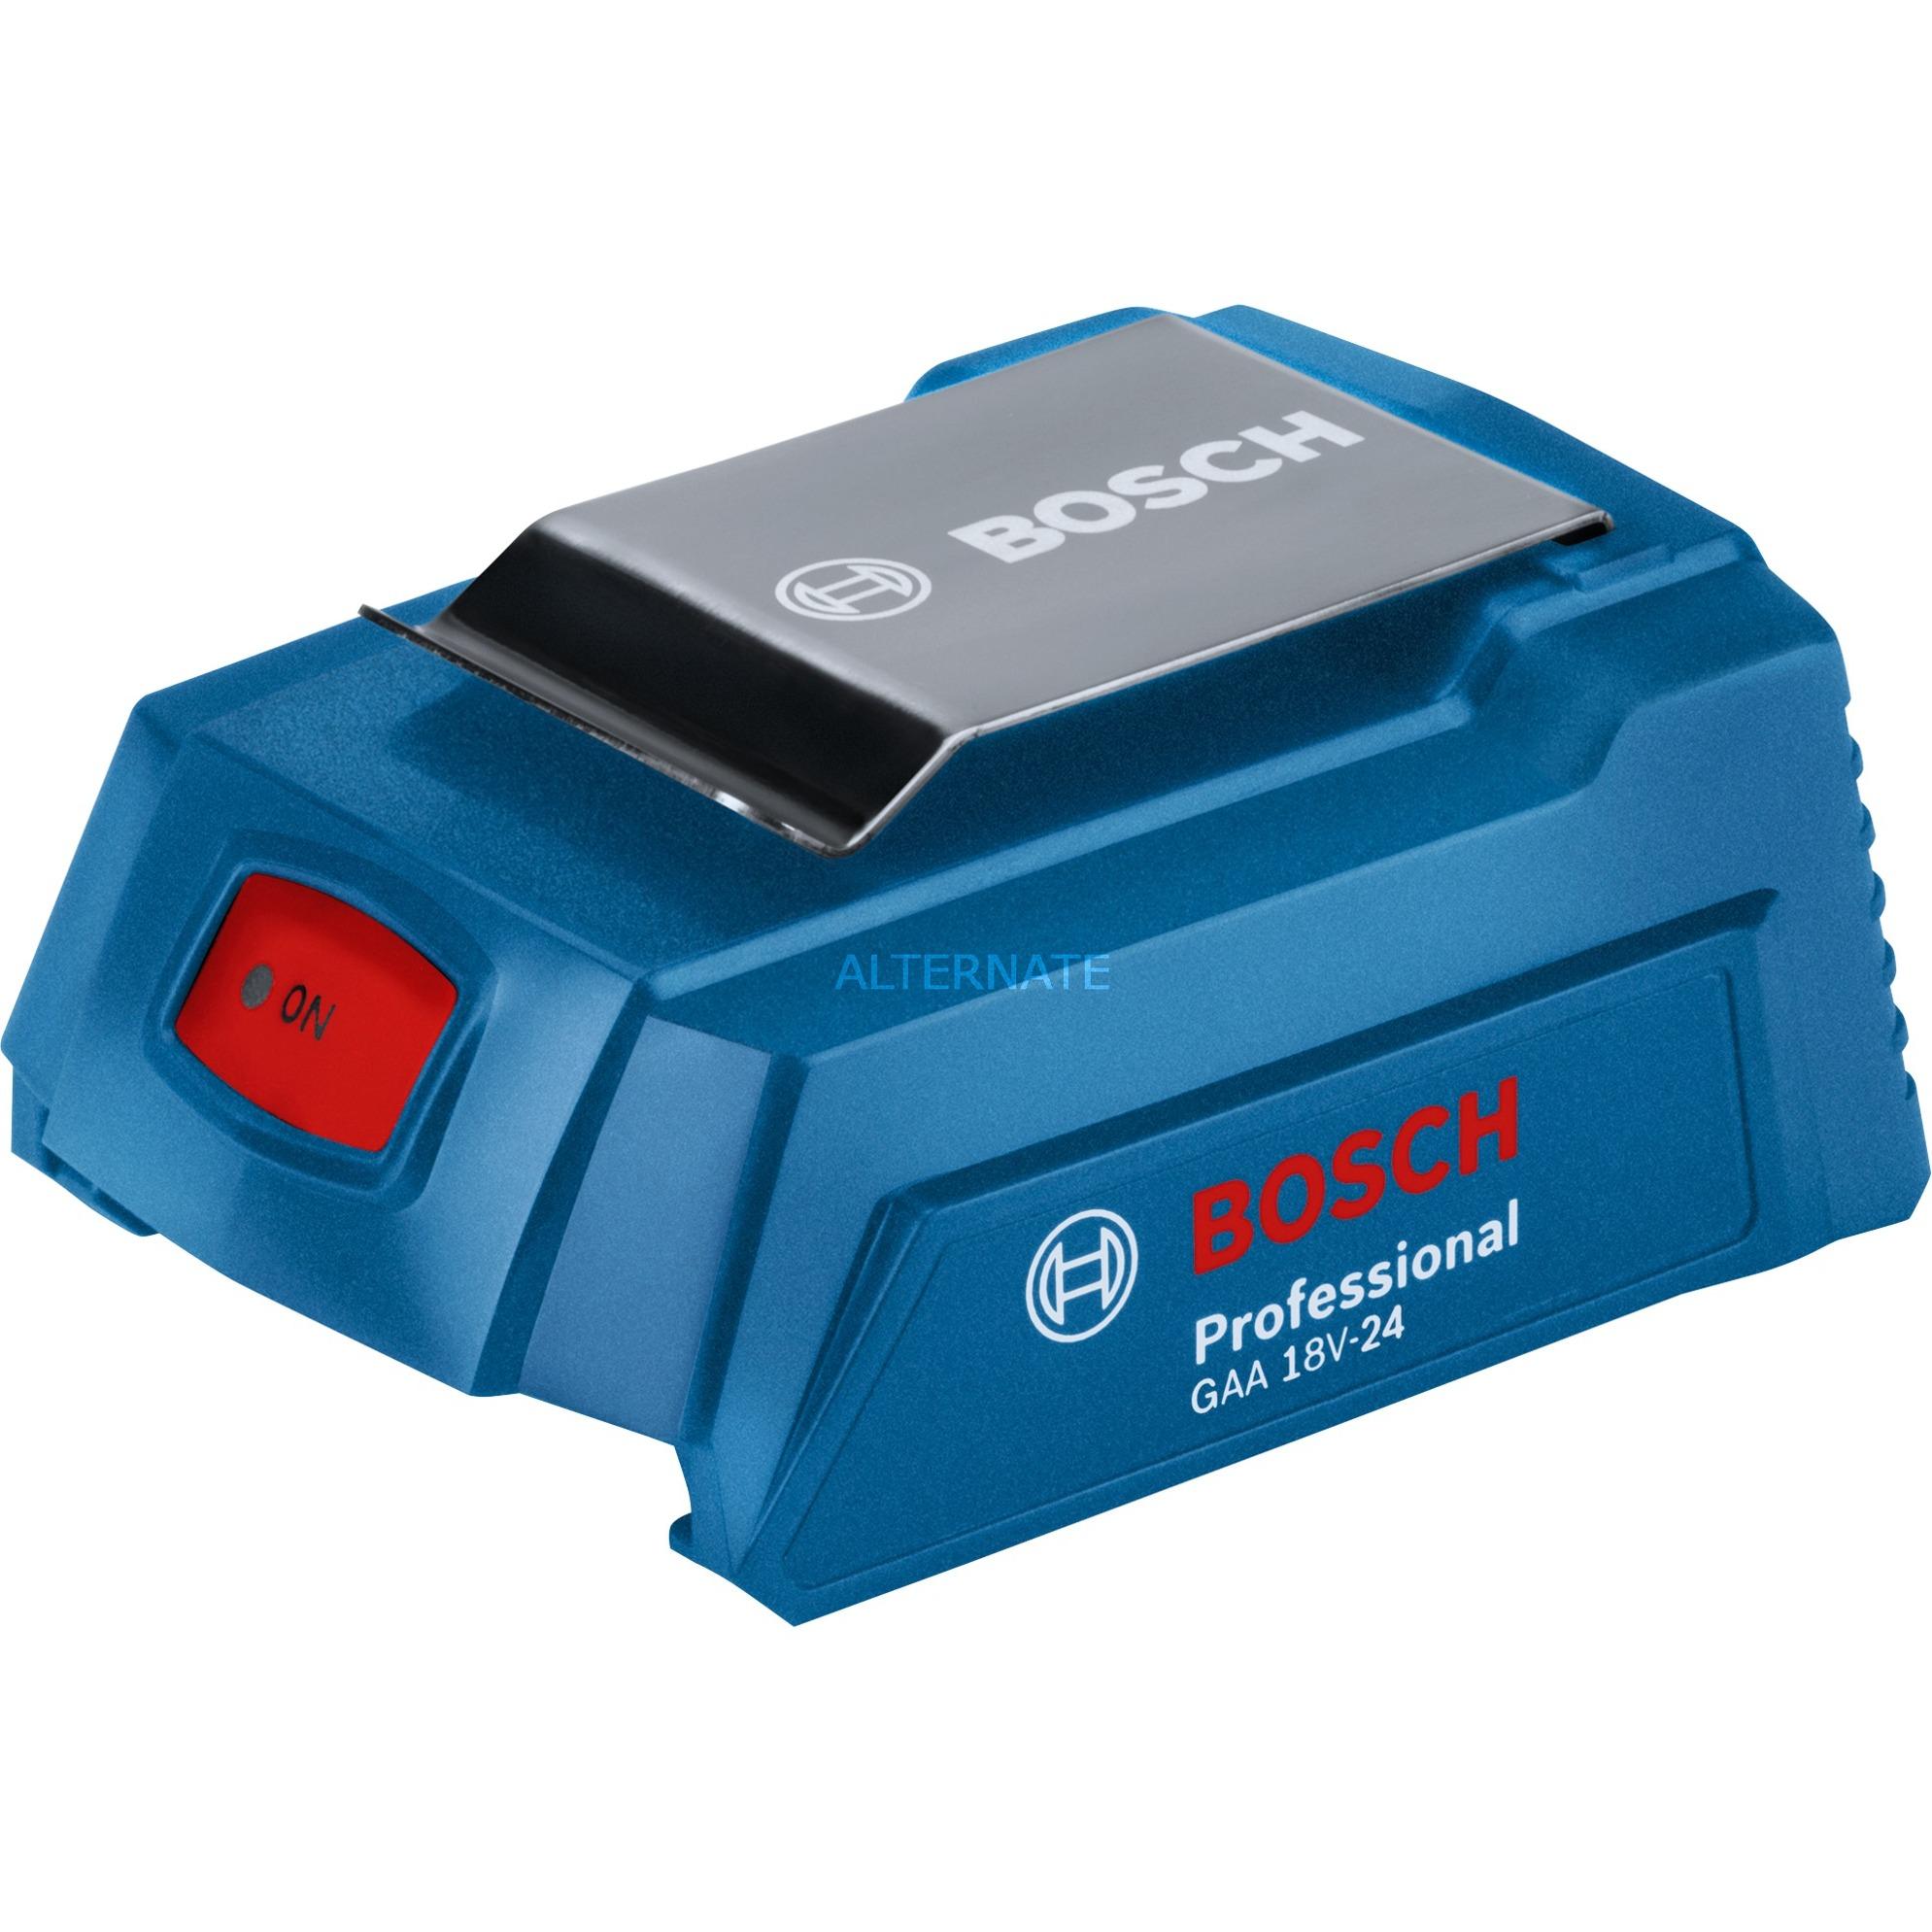 BOSCH LADEGERÄT GAA 18 V 24 Professional Systemzubehör USB